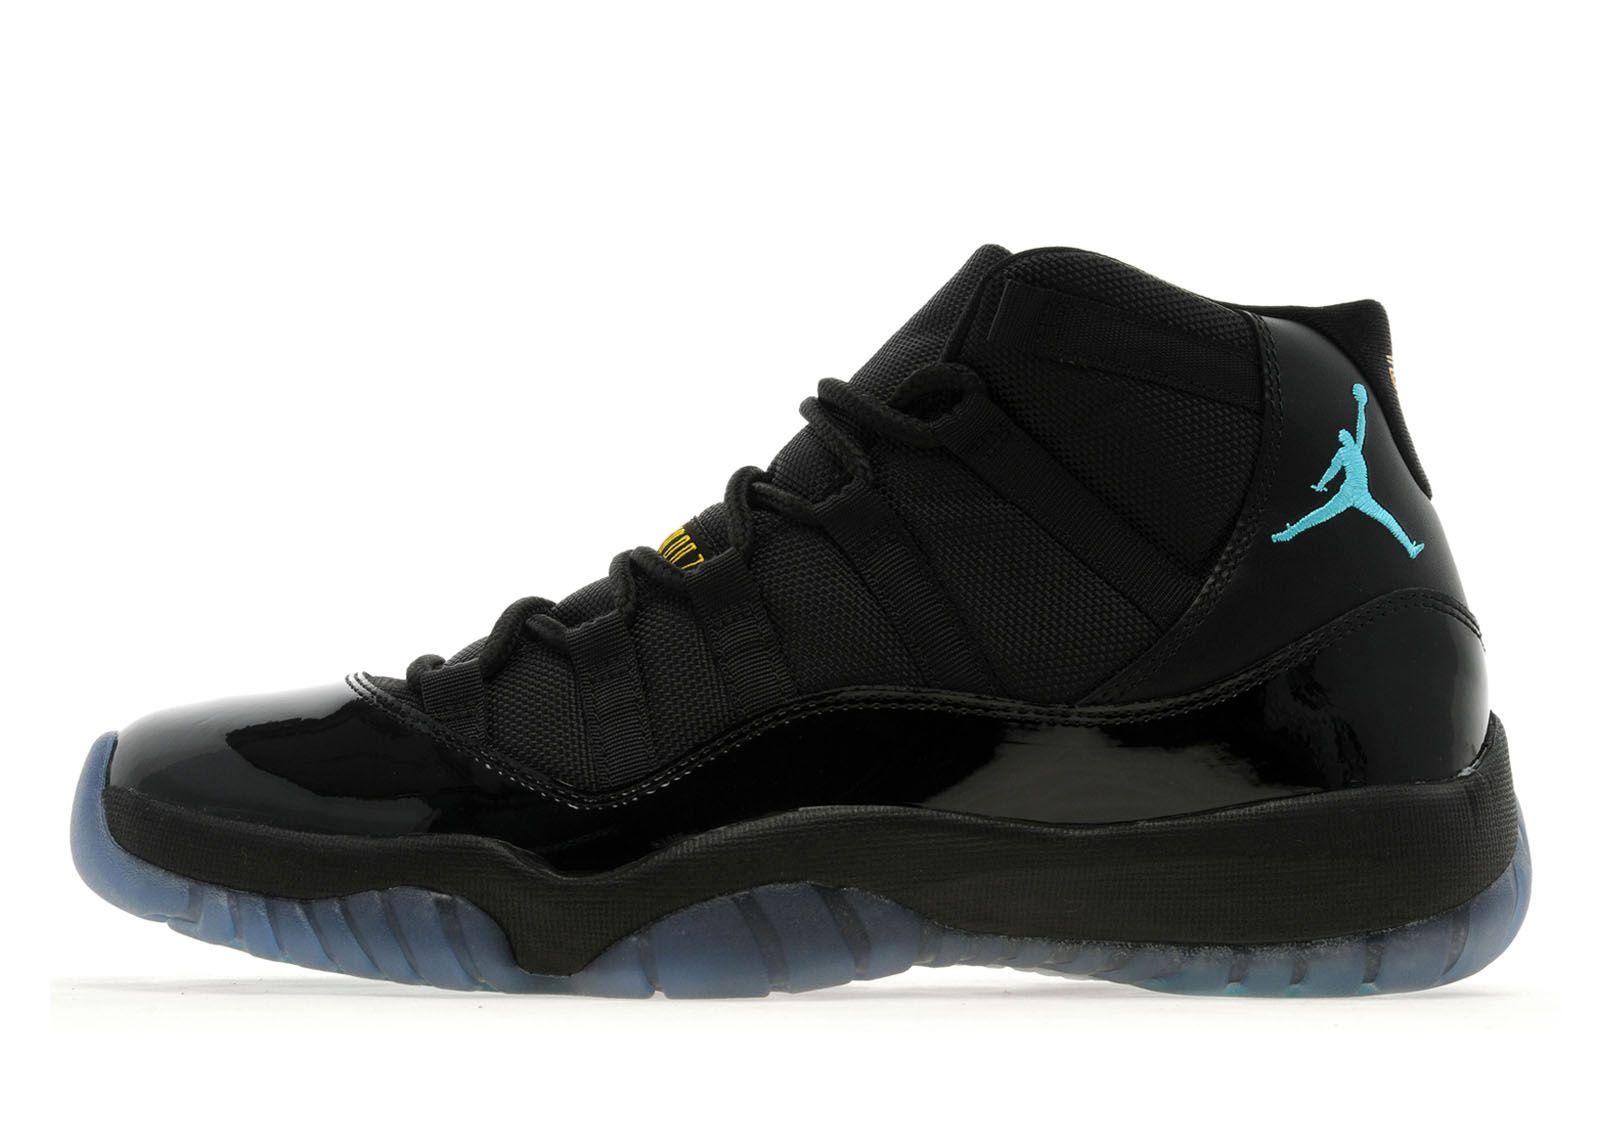 Jordan XI 'Gamma Blue'